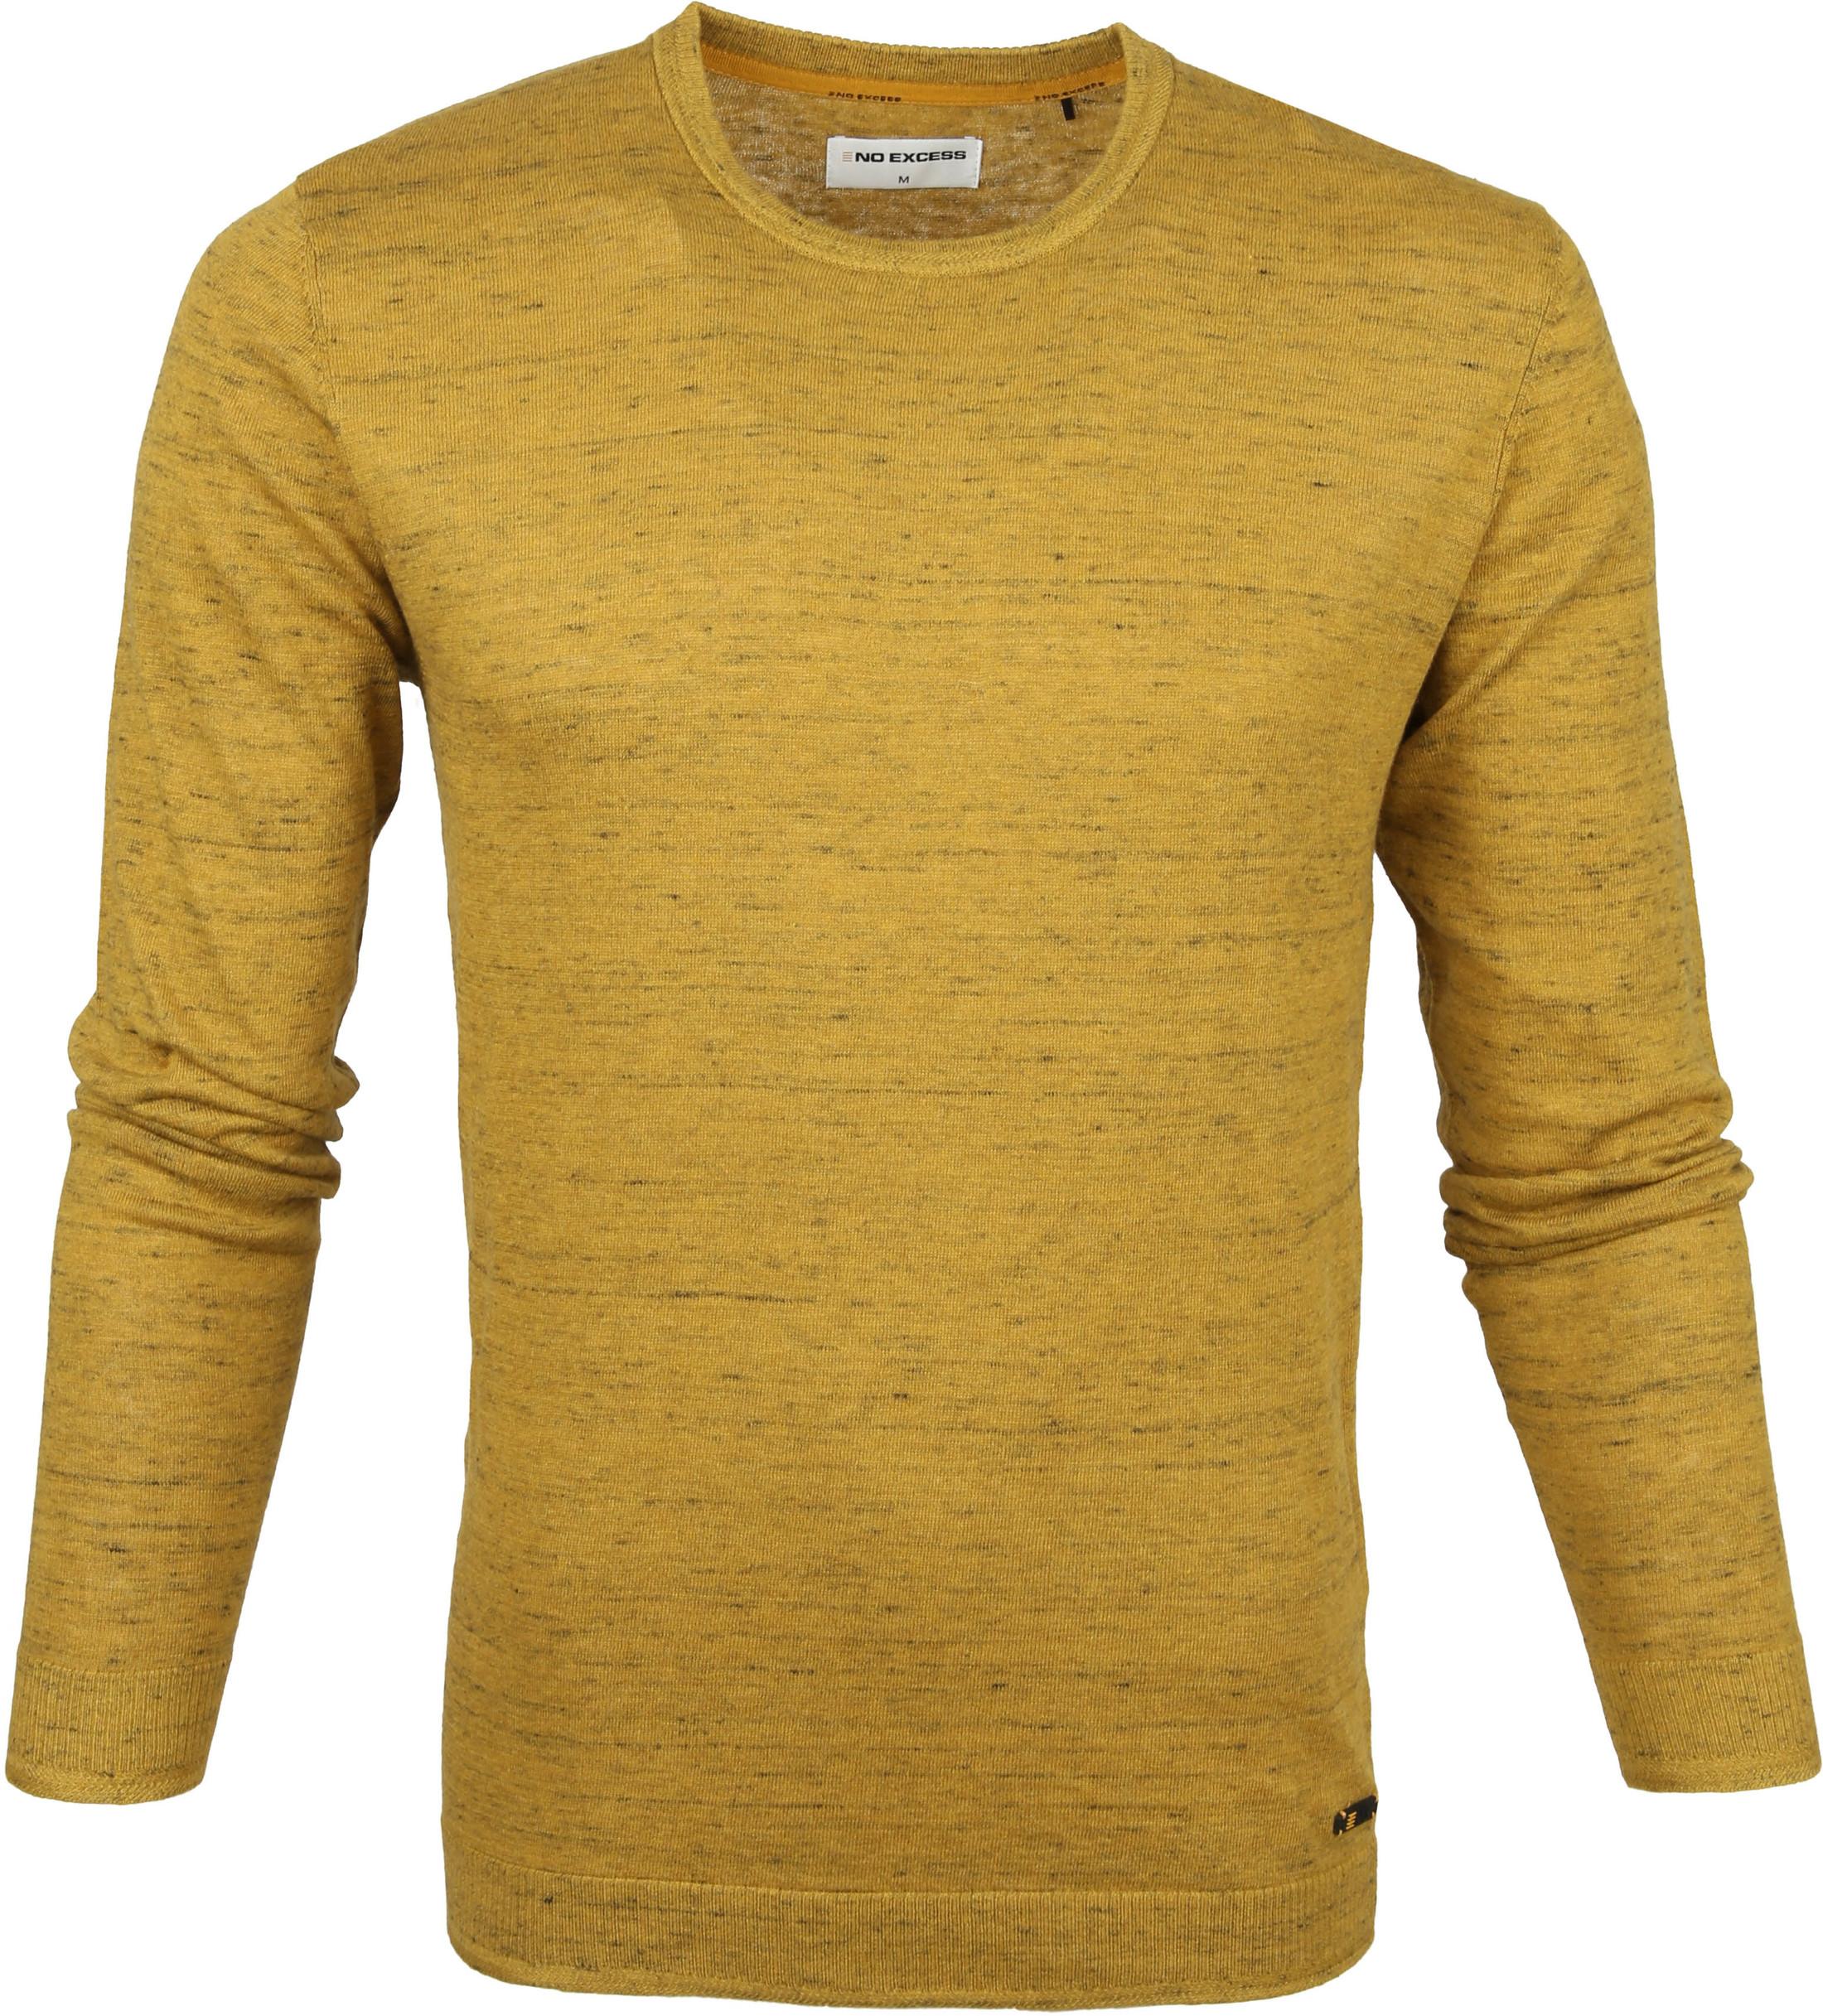 No-Excess Pullover Melange Zwart Geel - Goud maat 3XL